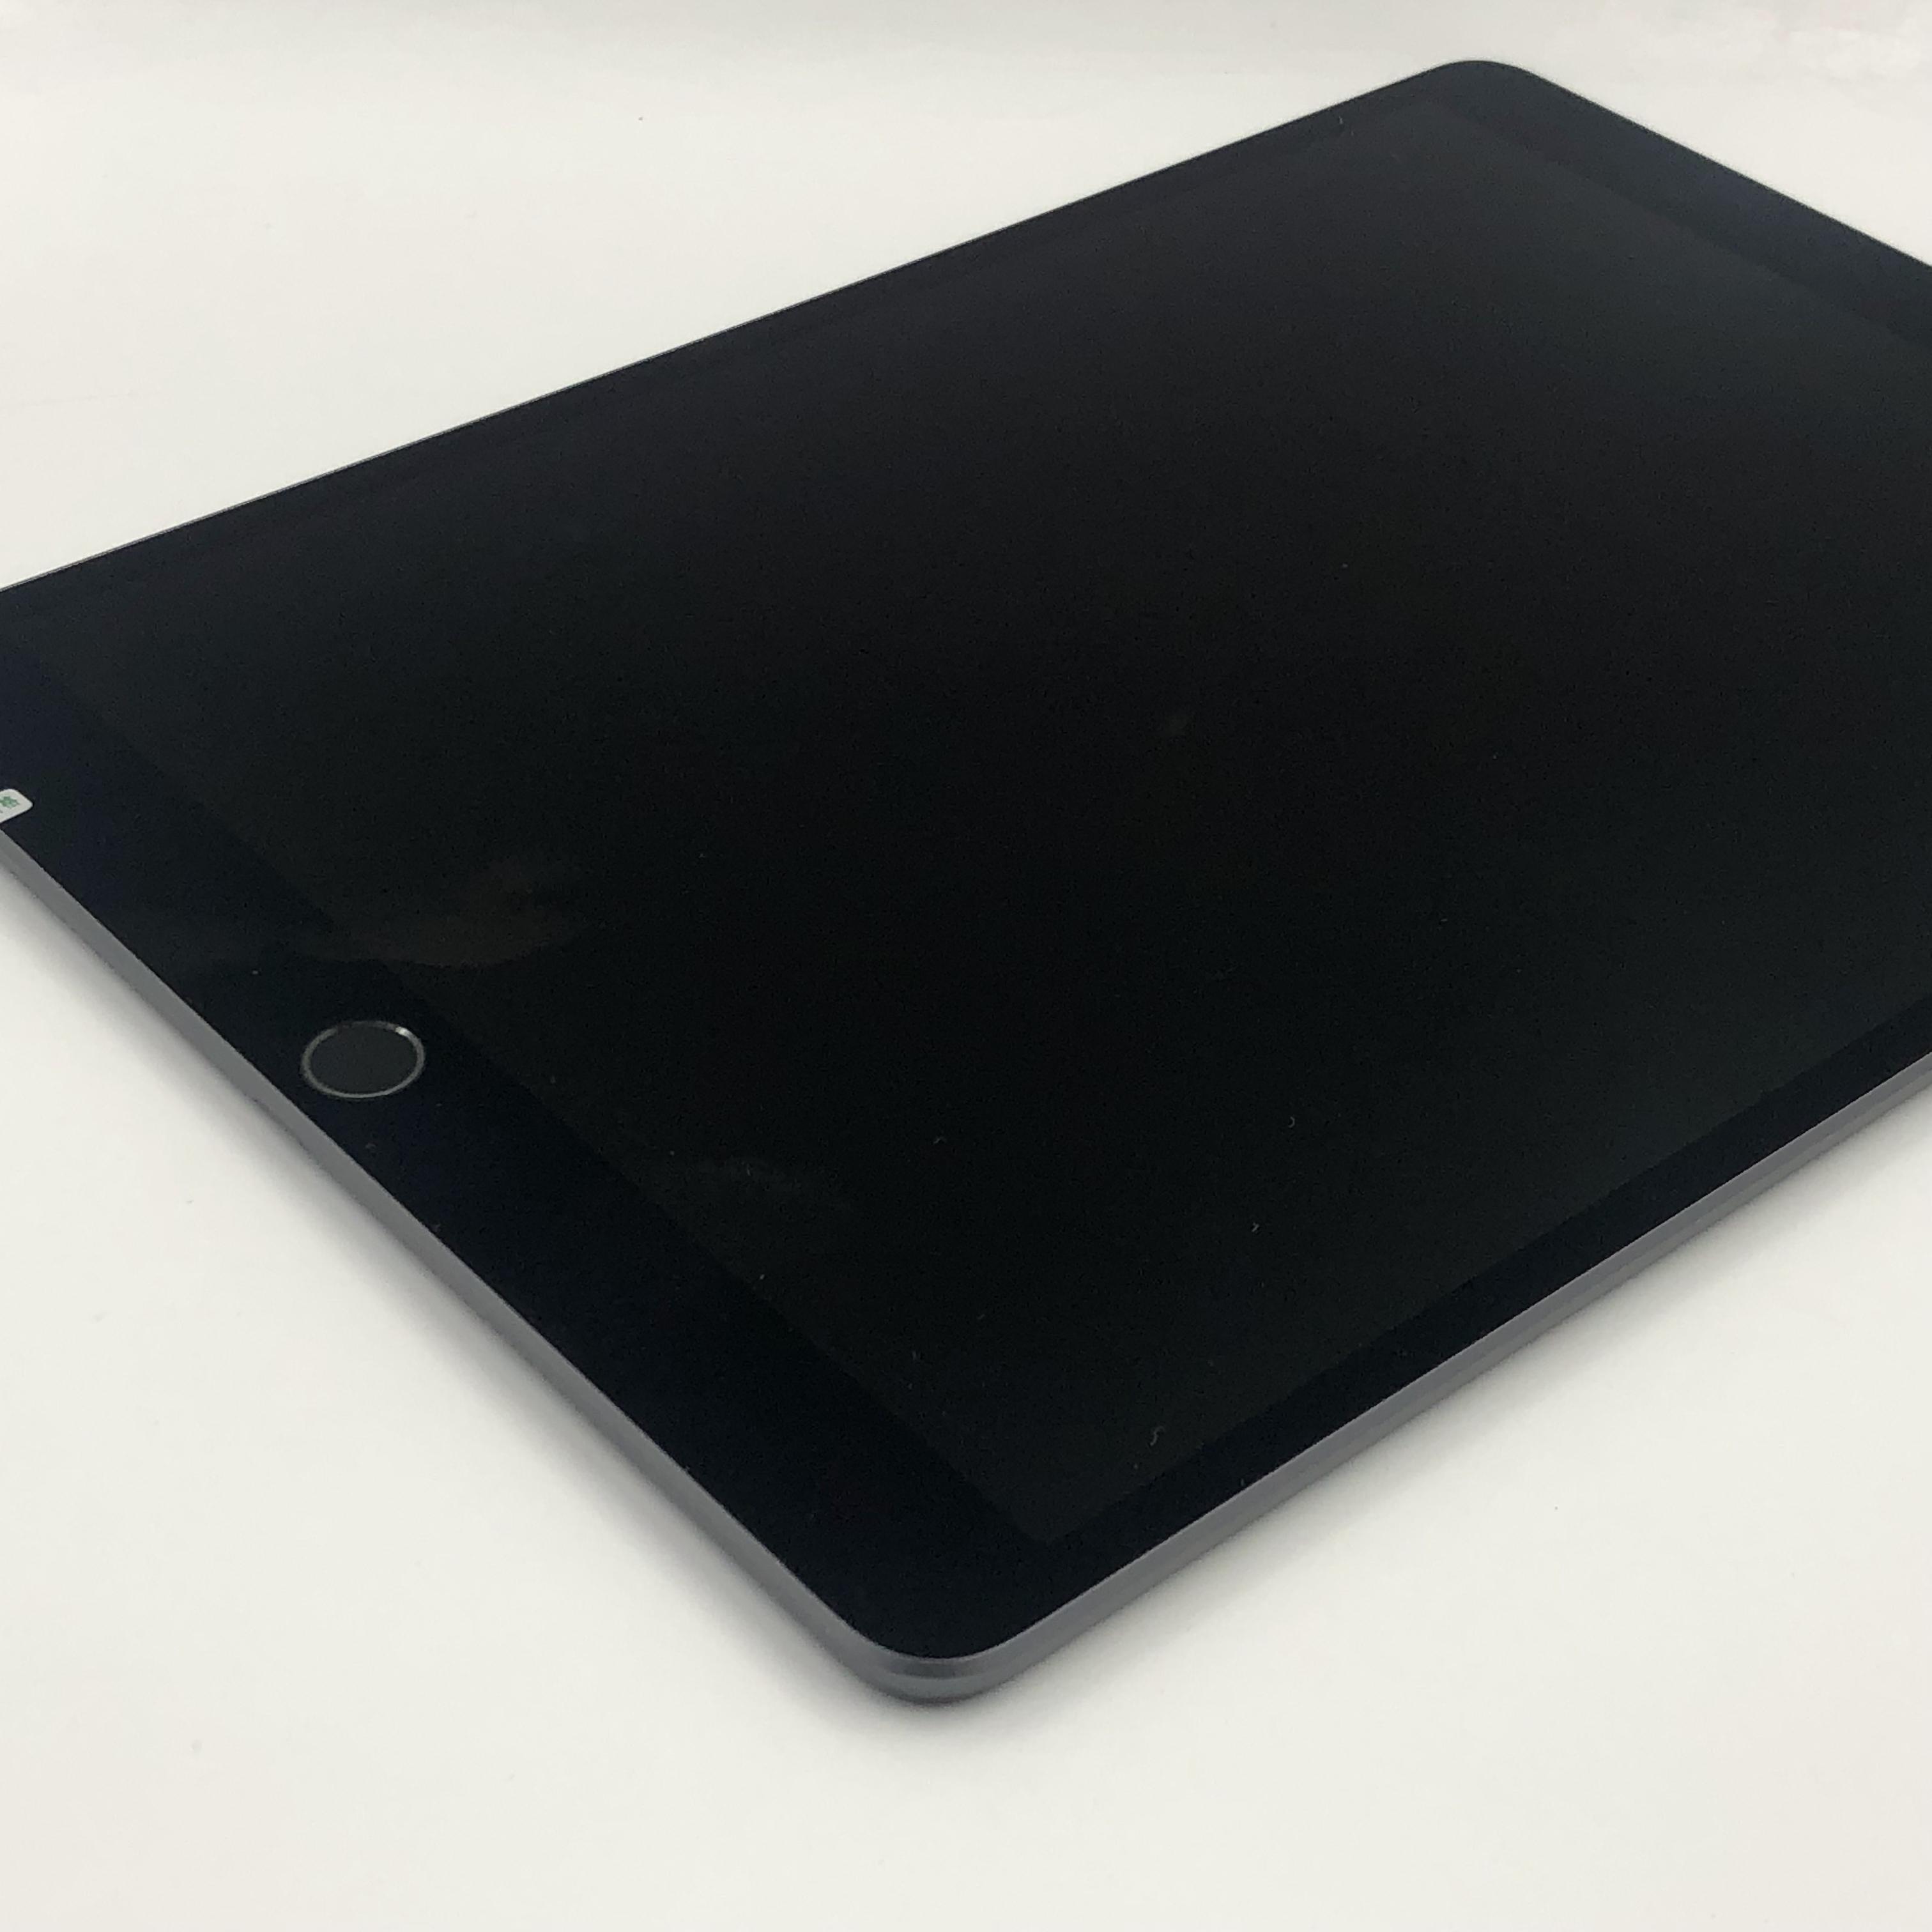 苹果【iPad Air3 10.5英寸 19款】WIFI版 深空灰 256G 国行 8成新 真机实拍